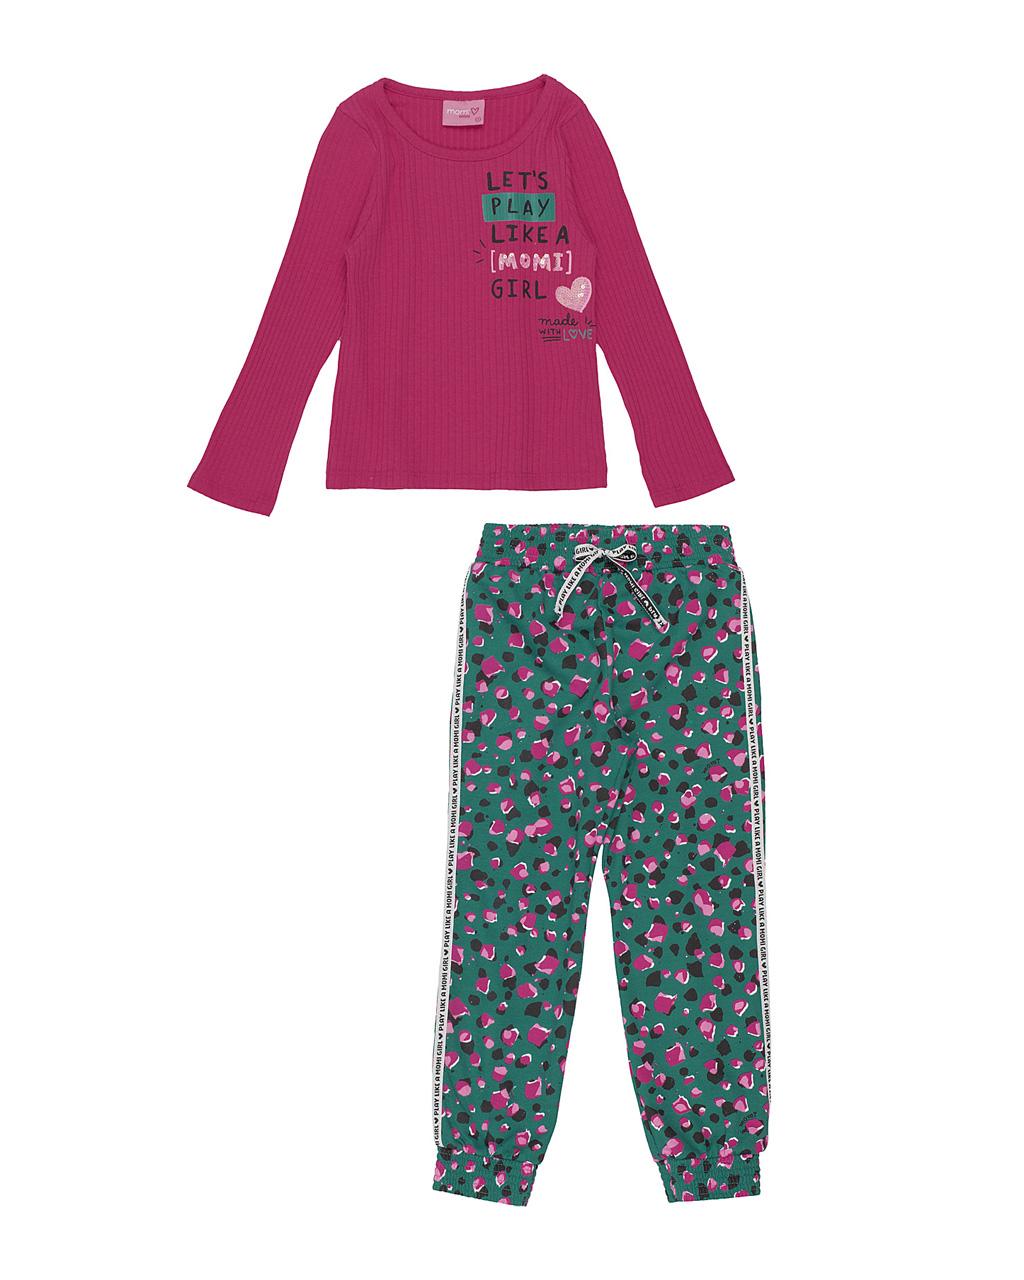 Conjunto Infantil Blusa Canelada Girl Pink com Calça Jogger Estampada Momi